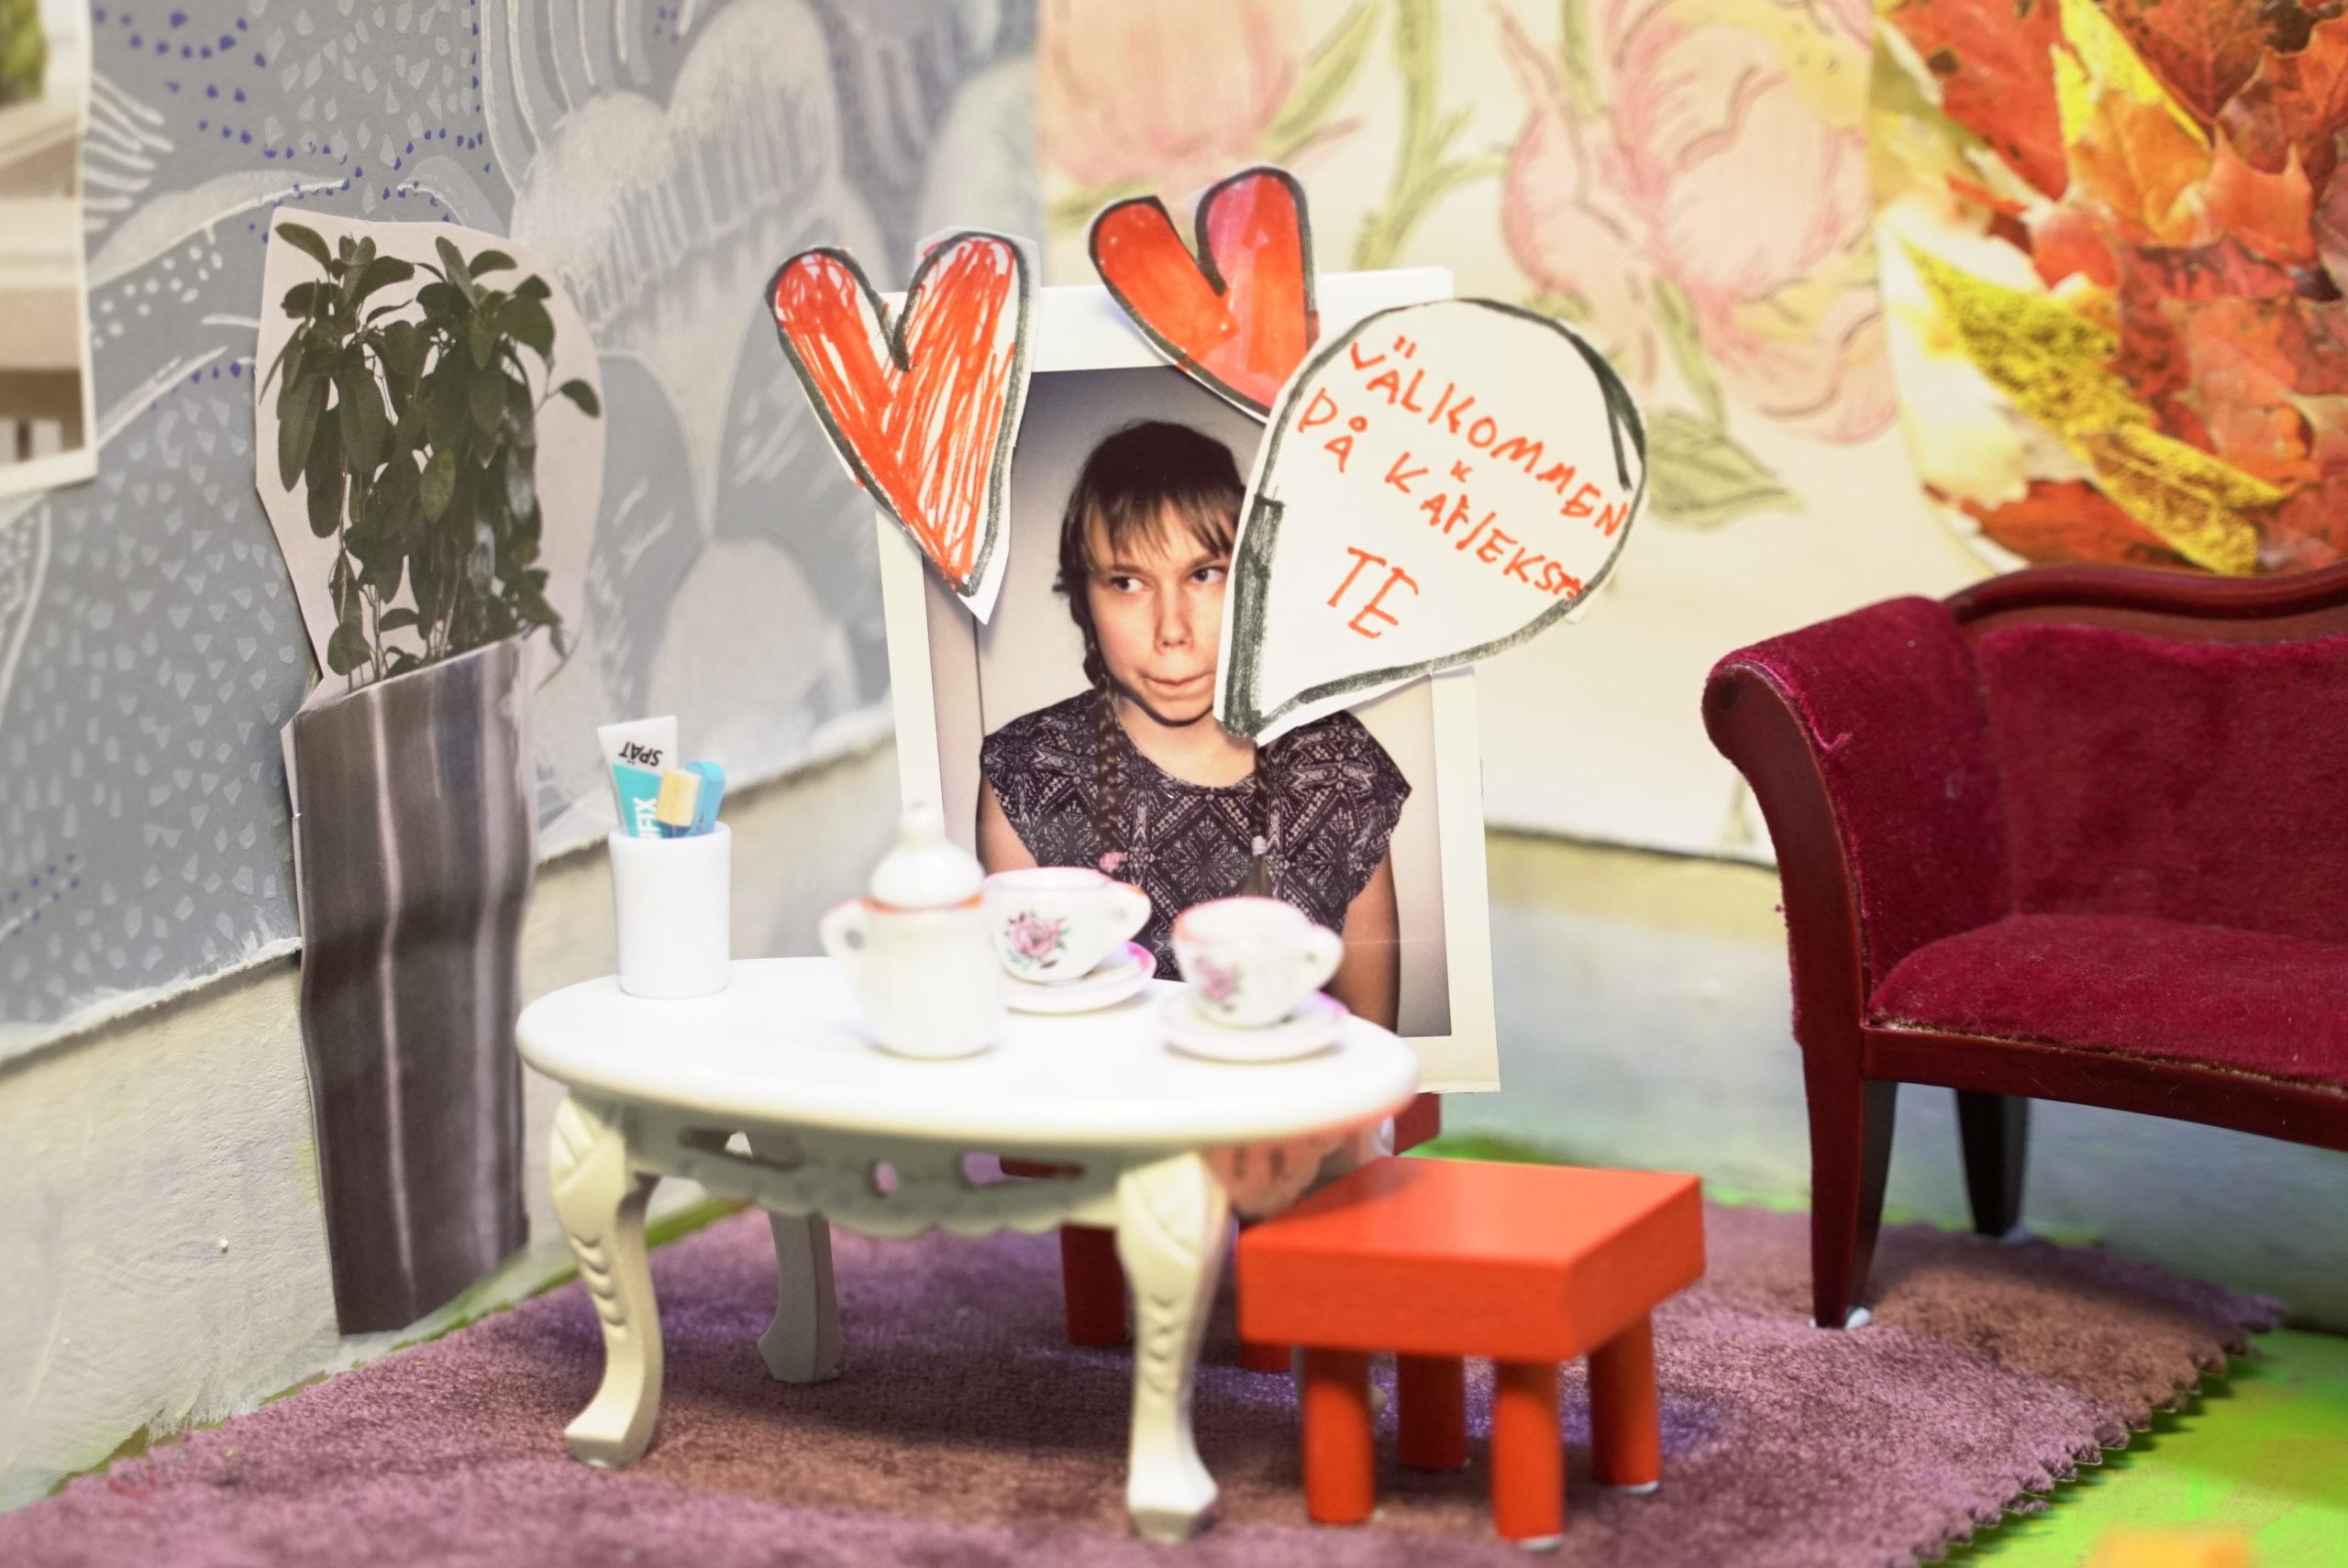 Animaatioelokuva, jonka kohtauksessa nainen istuu kahvipöydän ääressä.